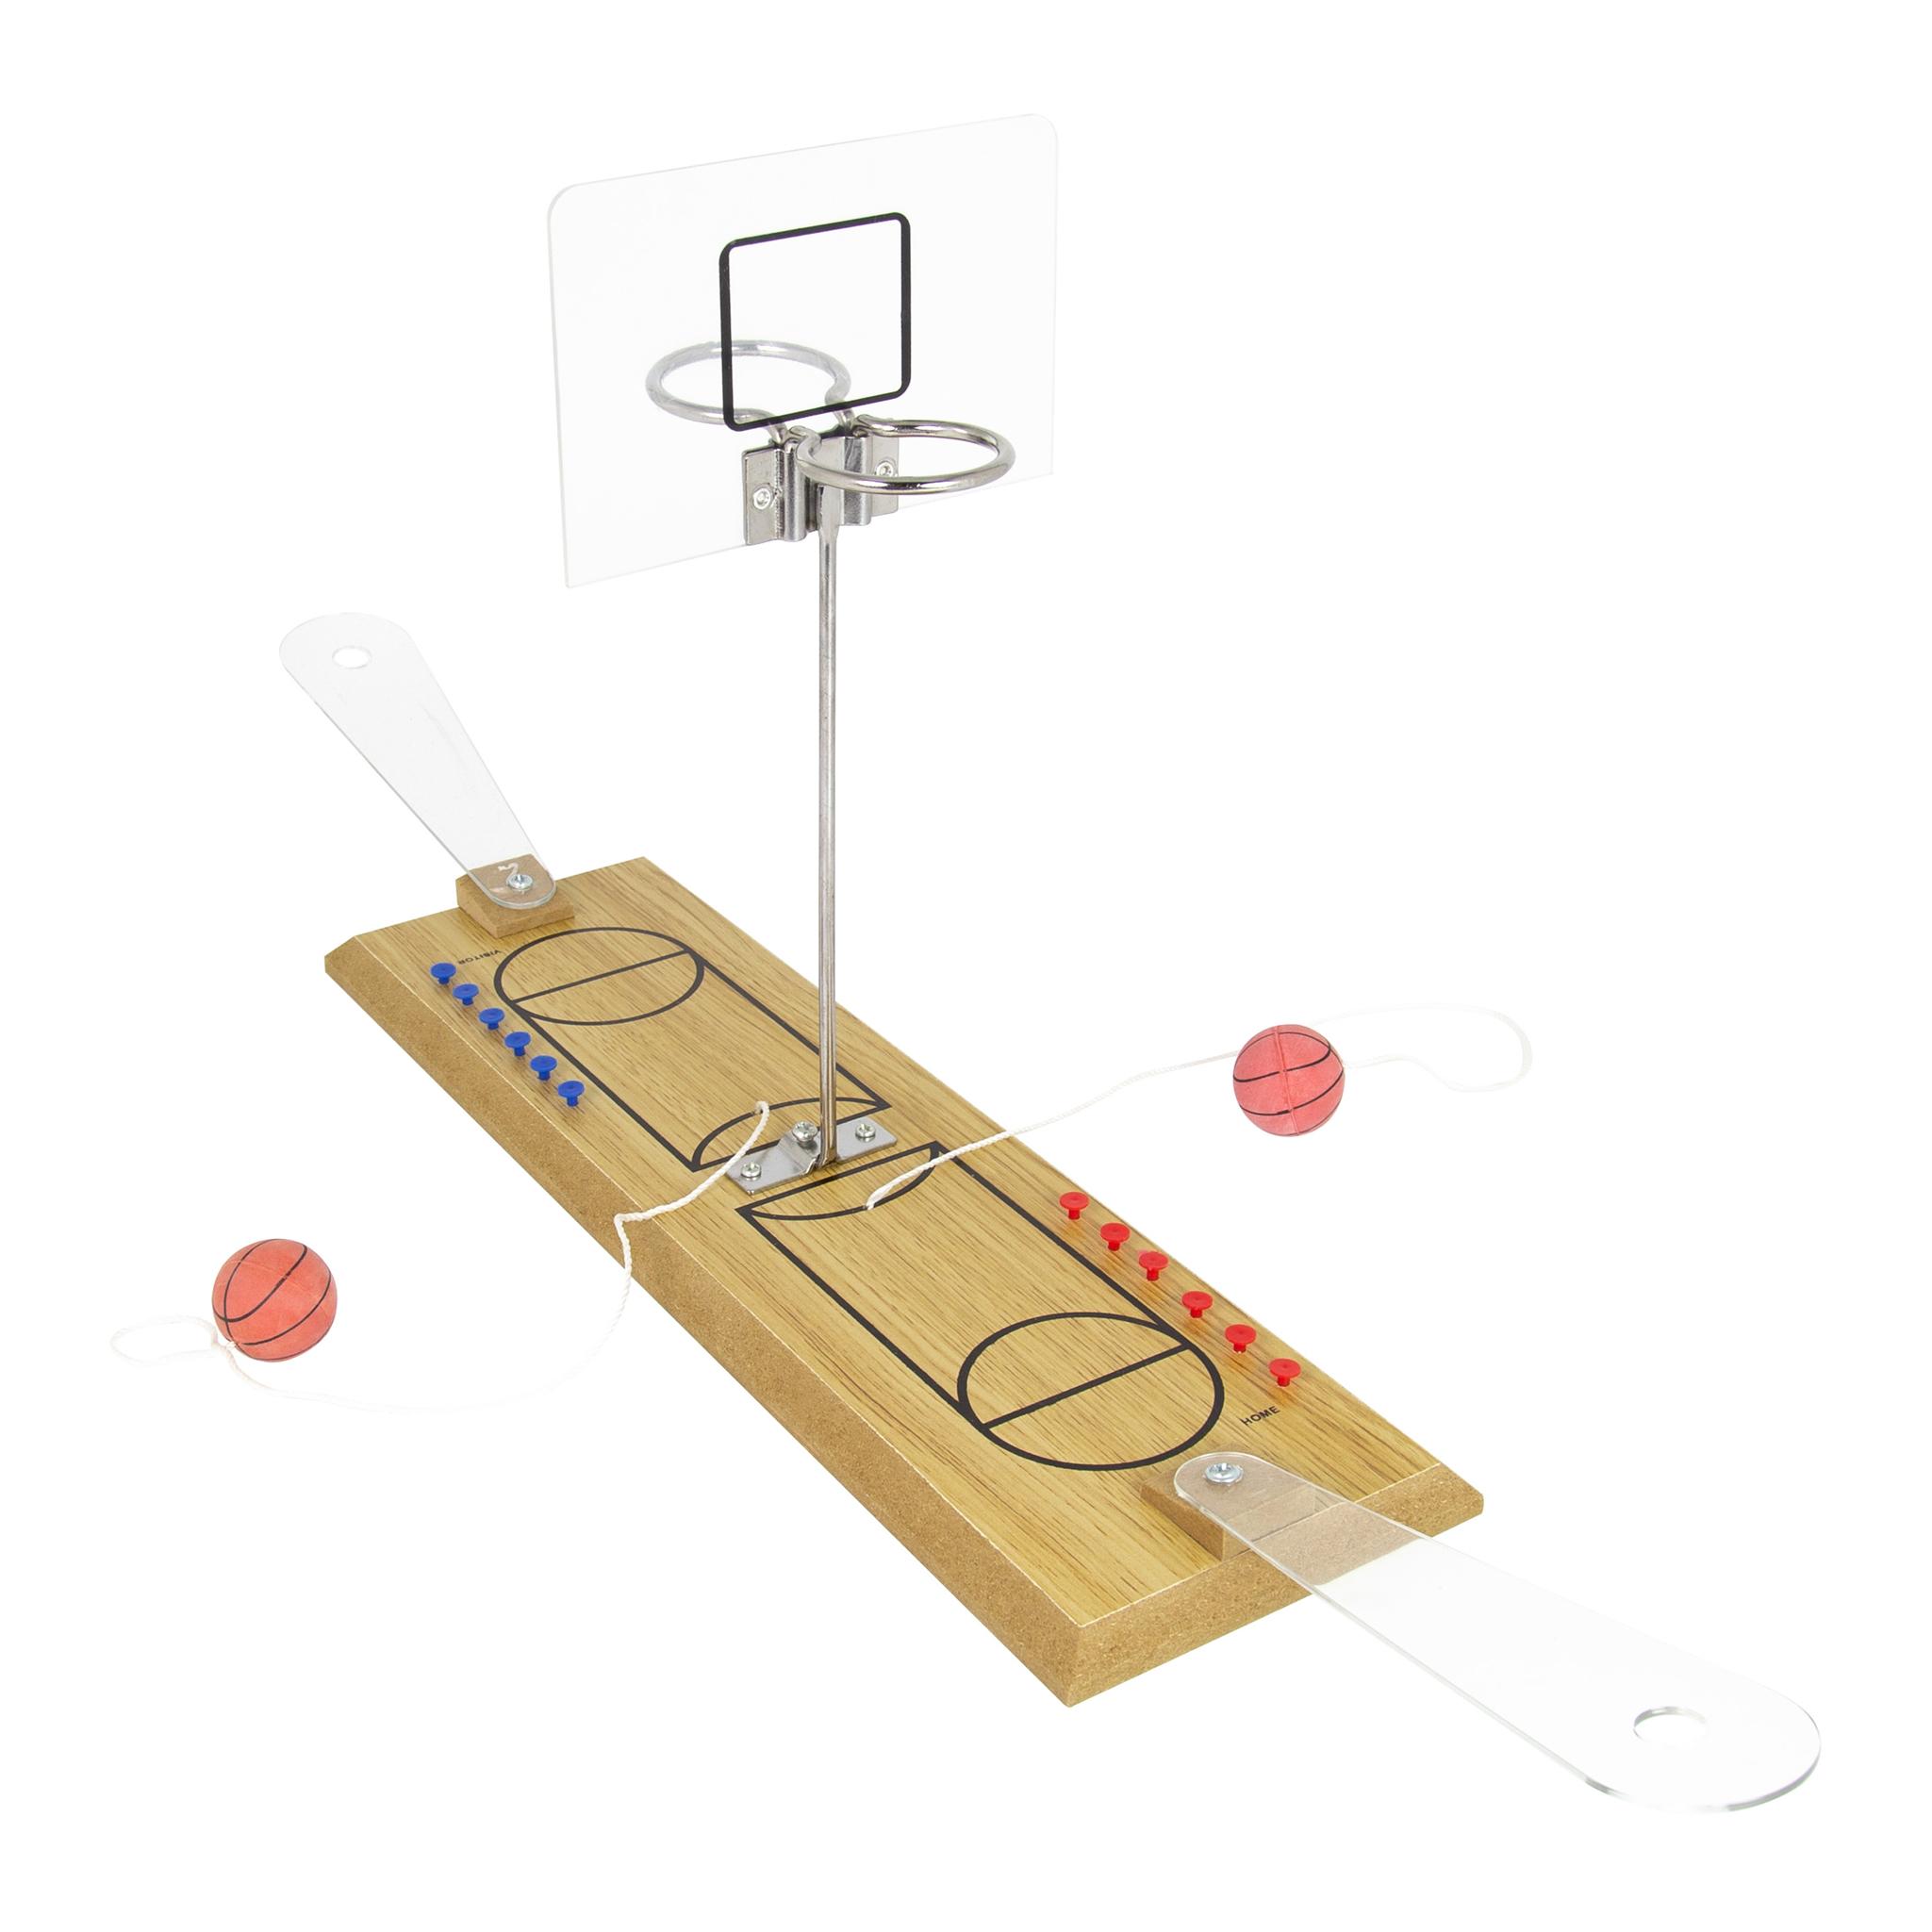 DesktopBasketball~1.jpg